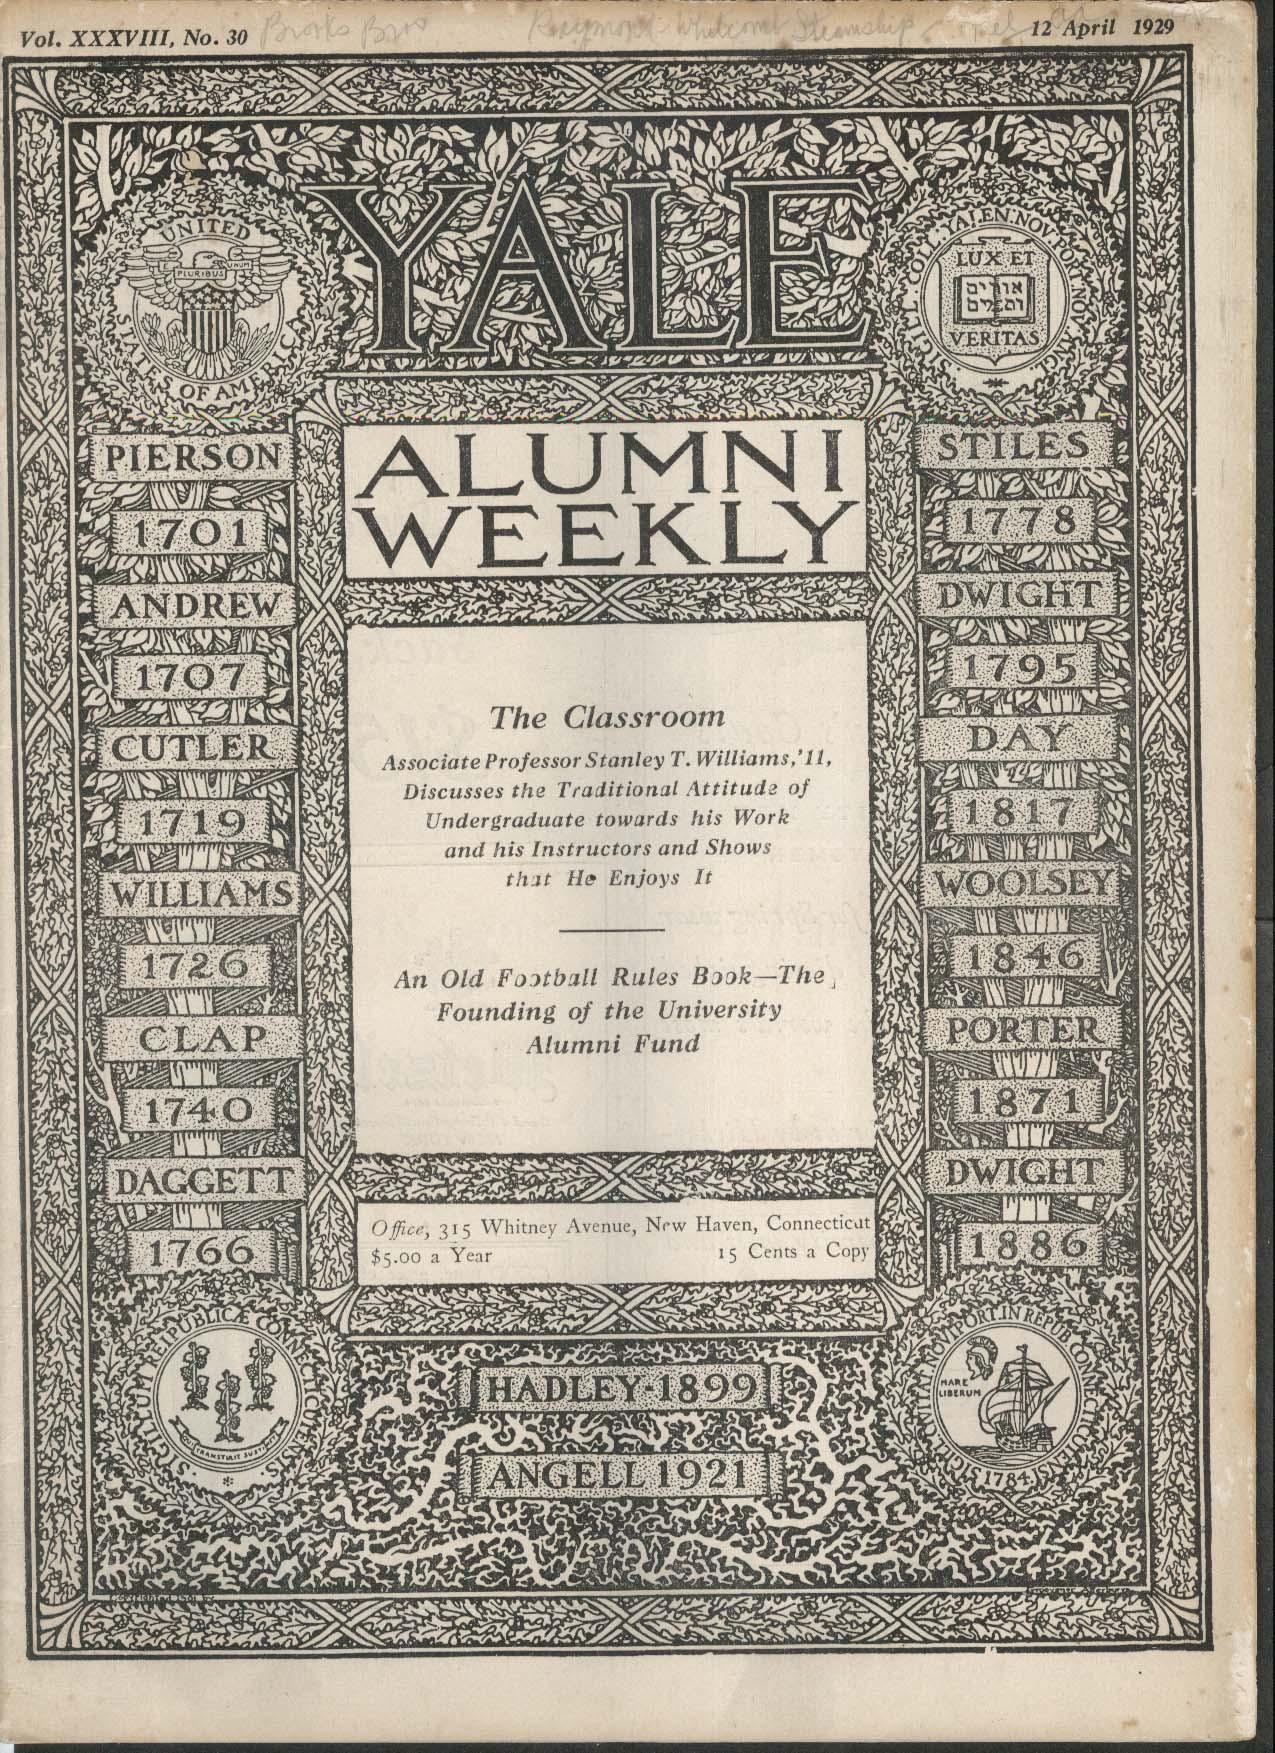 YALE ALUMNI WEEKLY Stanley Williams Alumni Fund Athletics 4/12 1929